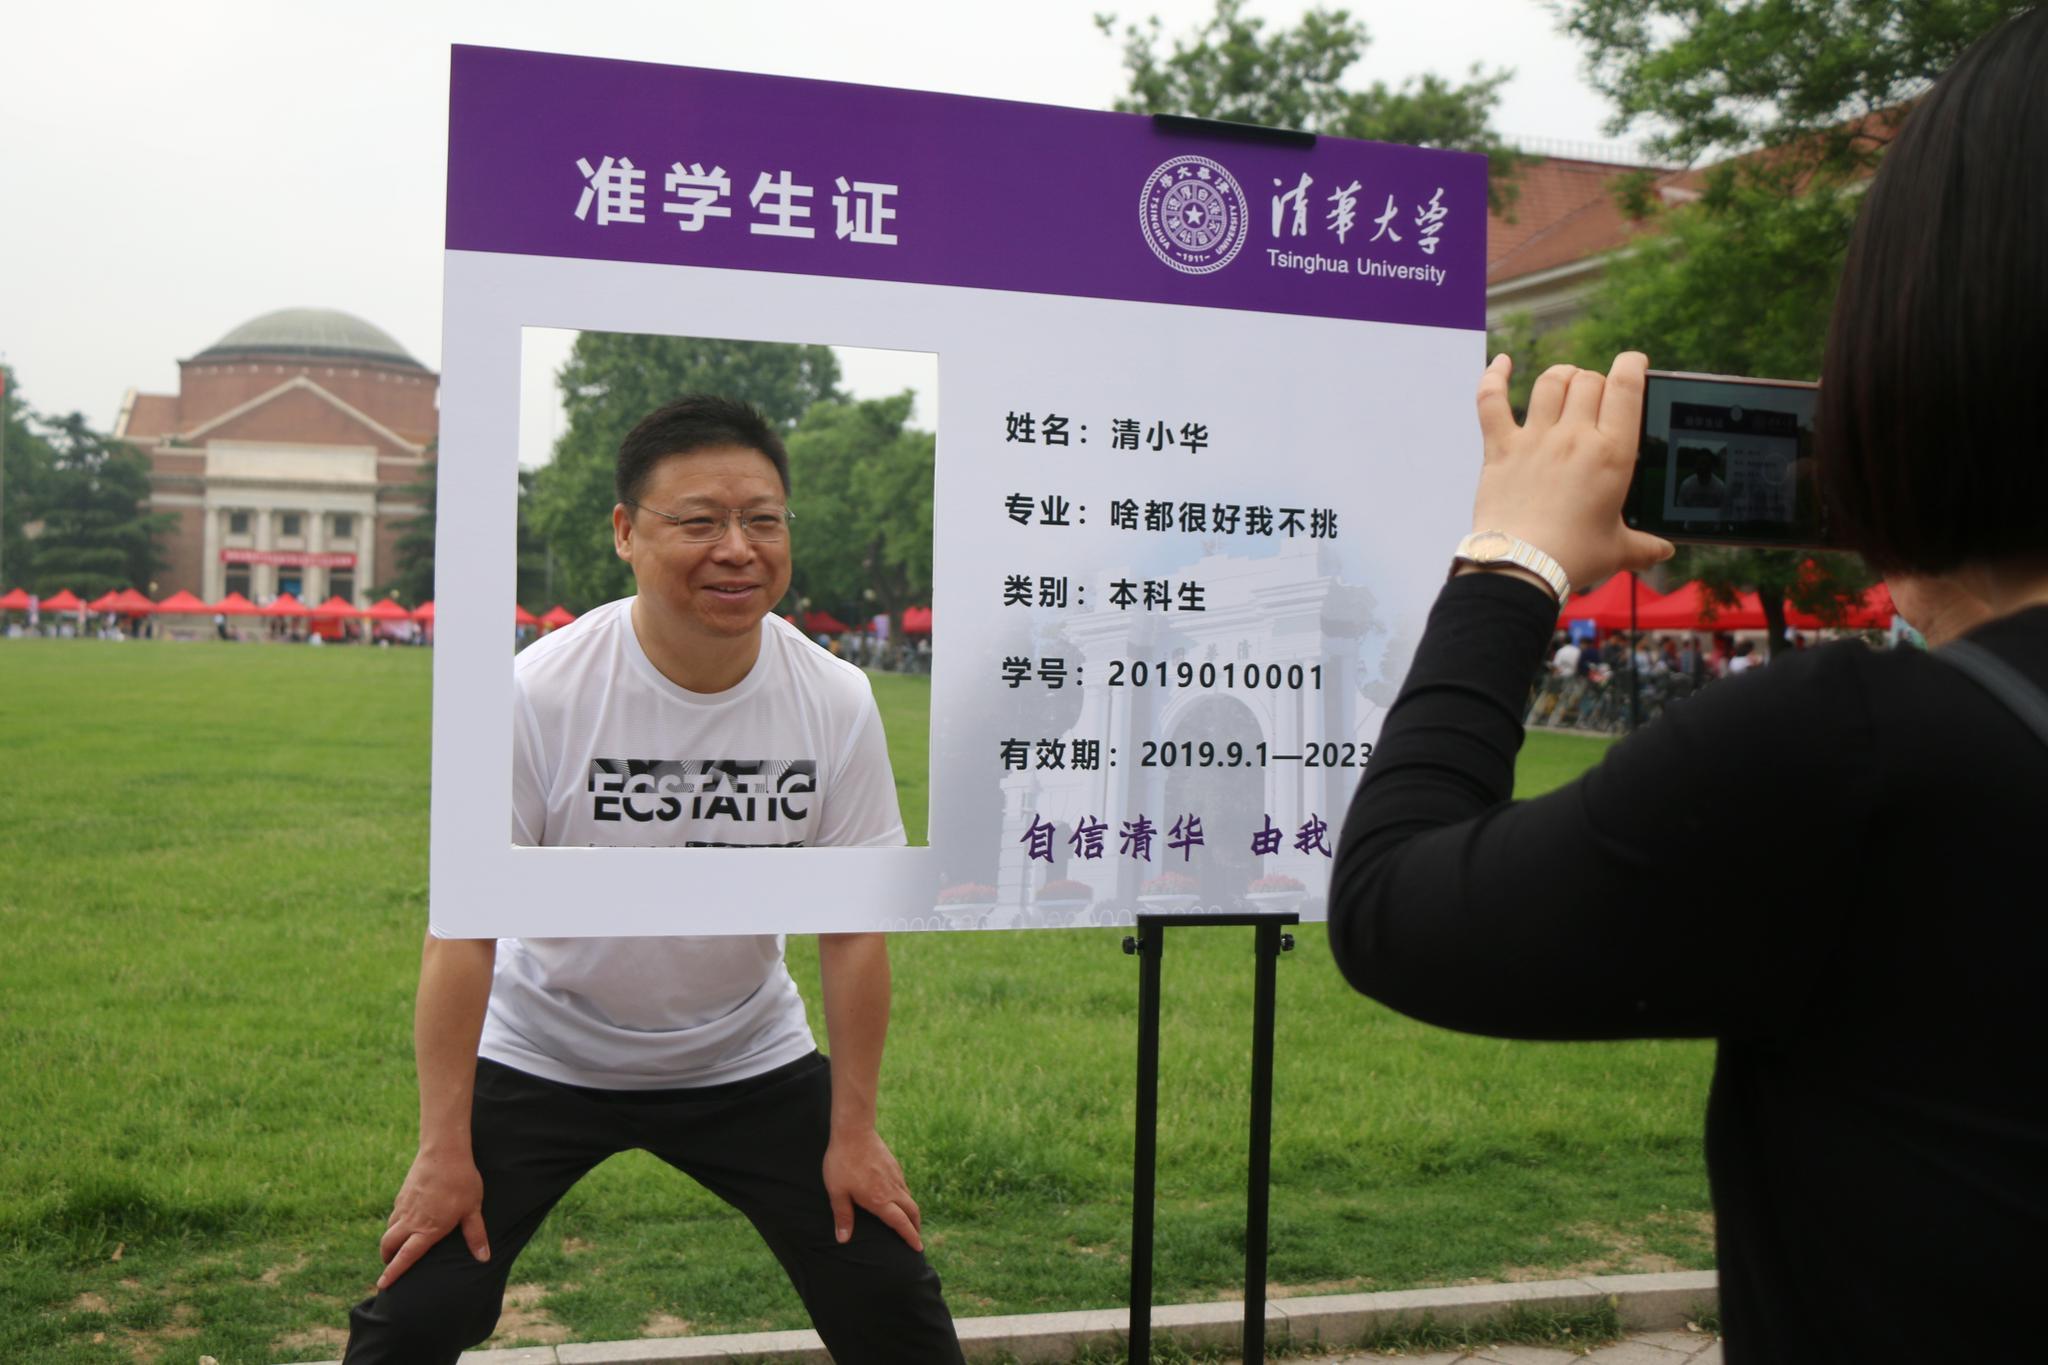 今天上午,一位家长在清华大学大礼堂前合影留念。摄影/新京报记者陈婉婷